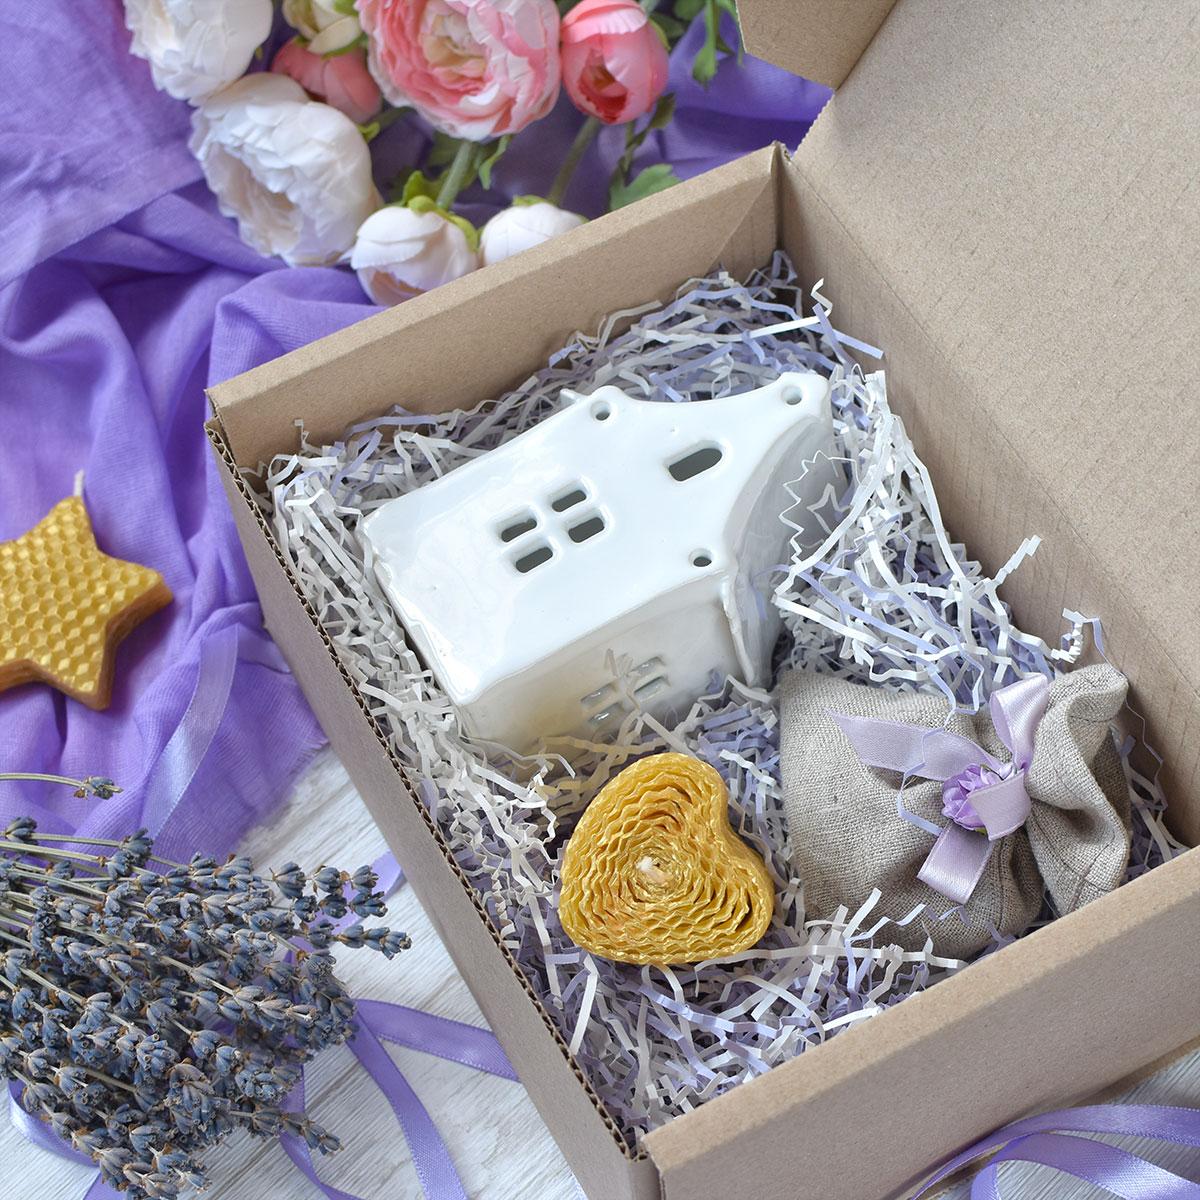 картинка Подарочный набор с домиком-подсвечником - DishWishes.Ru